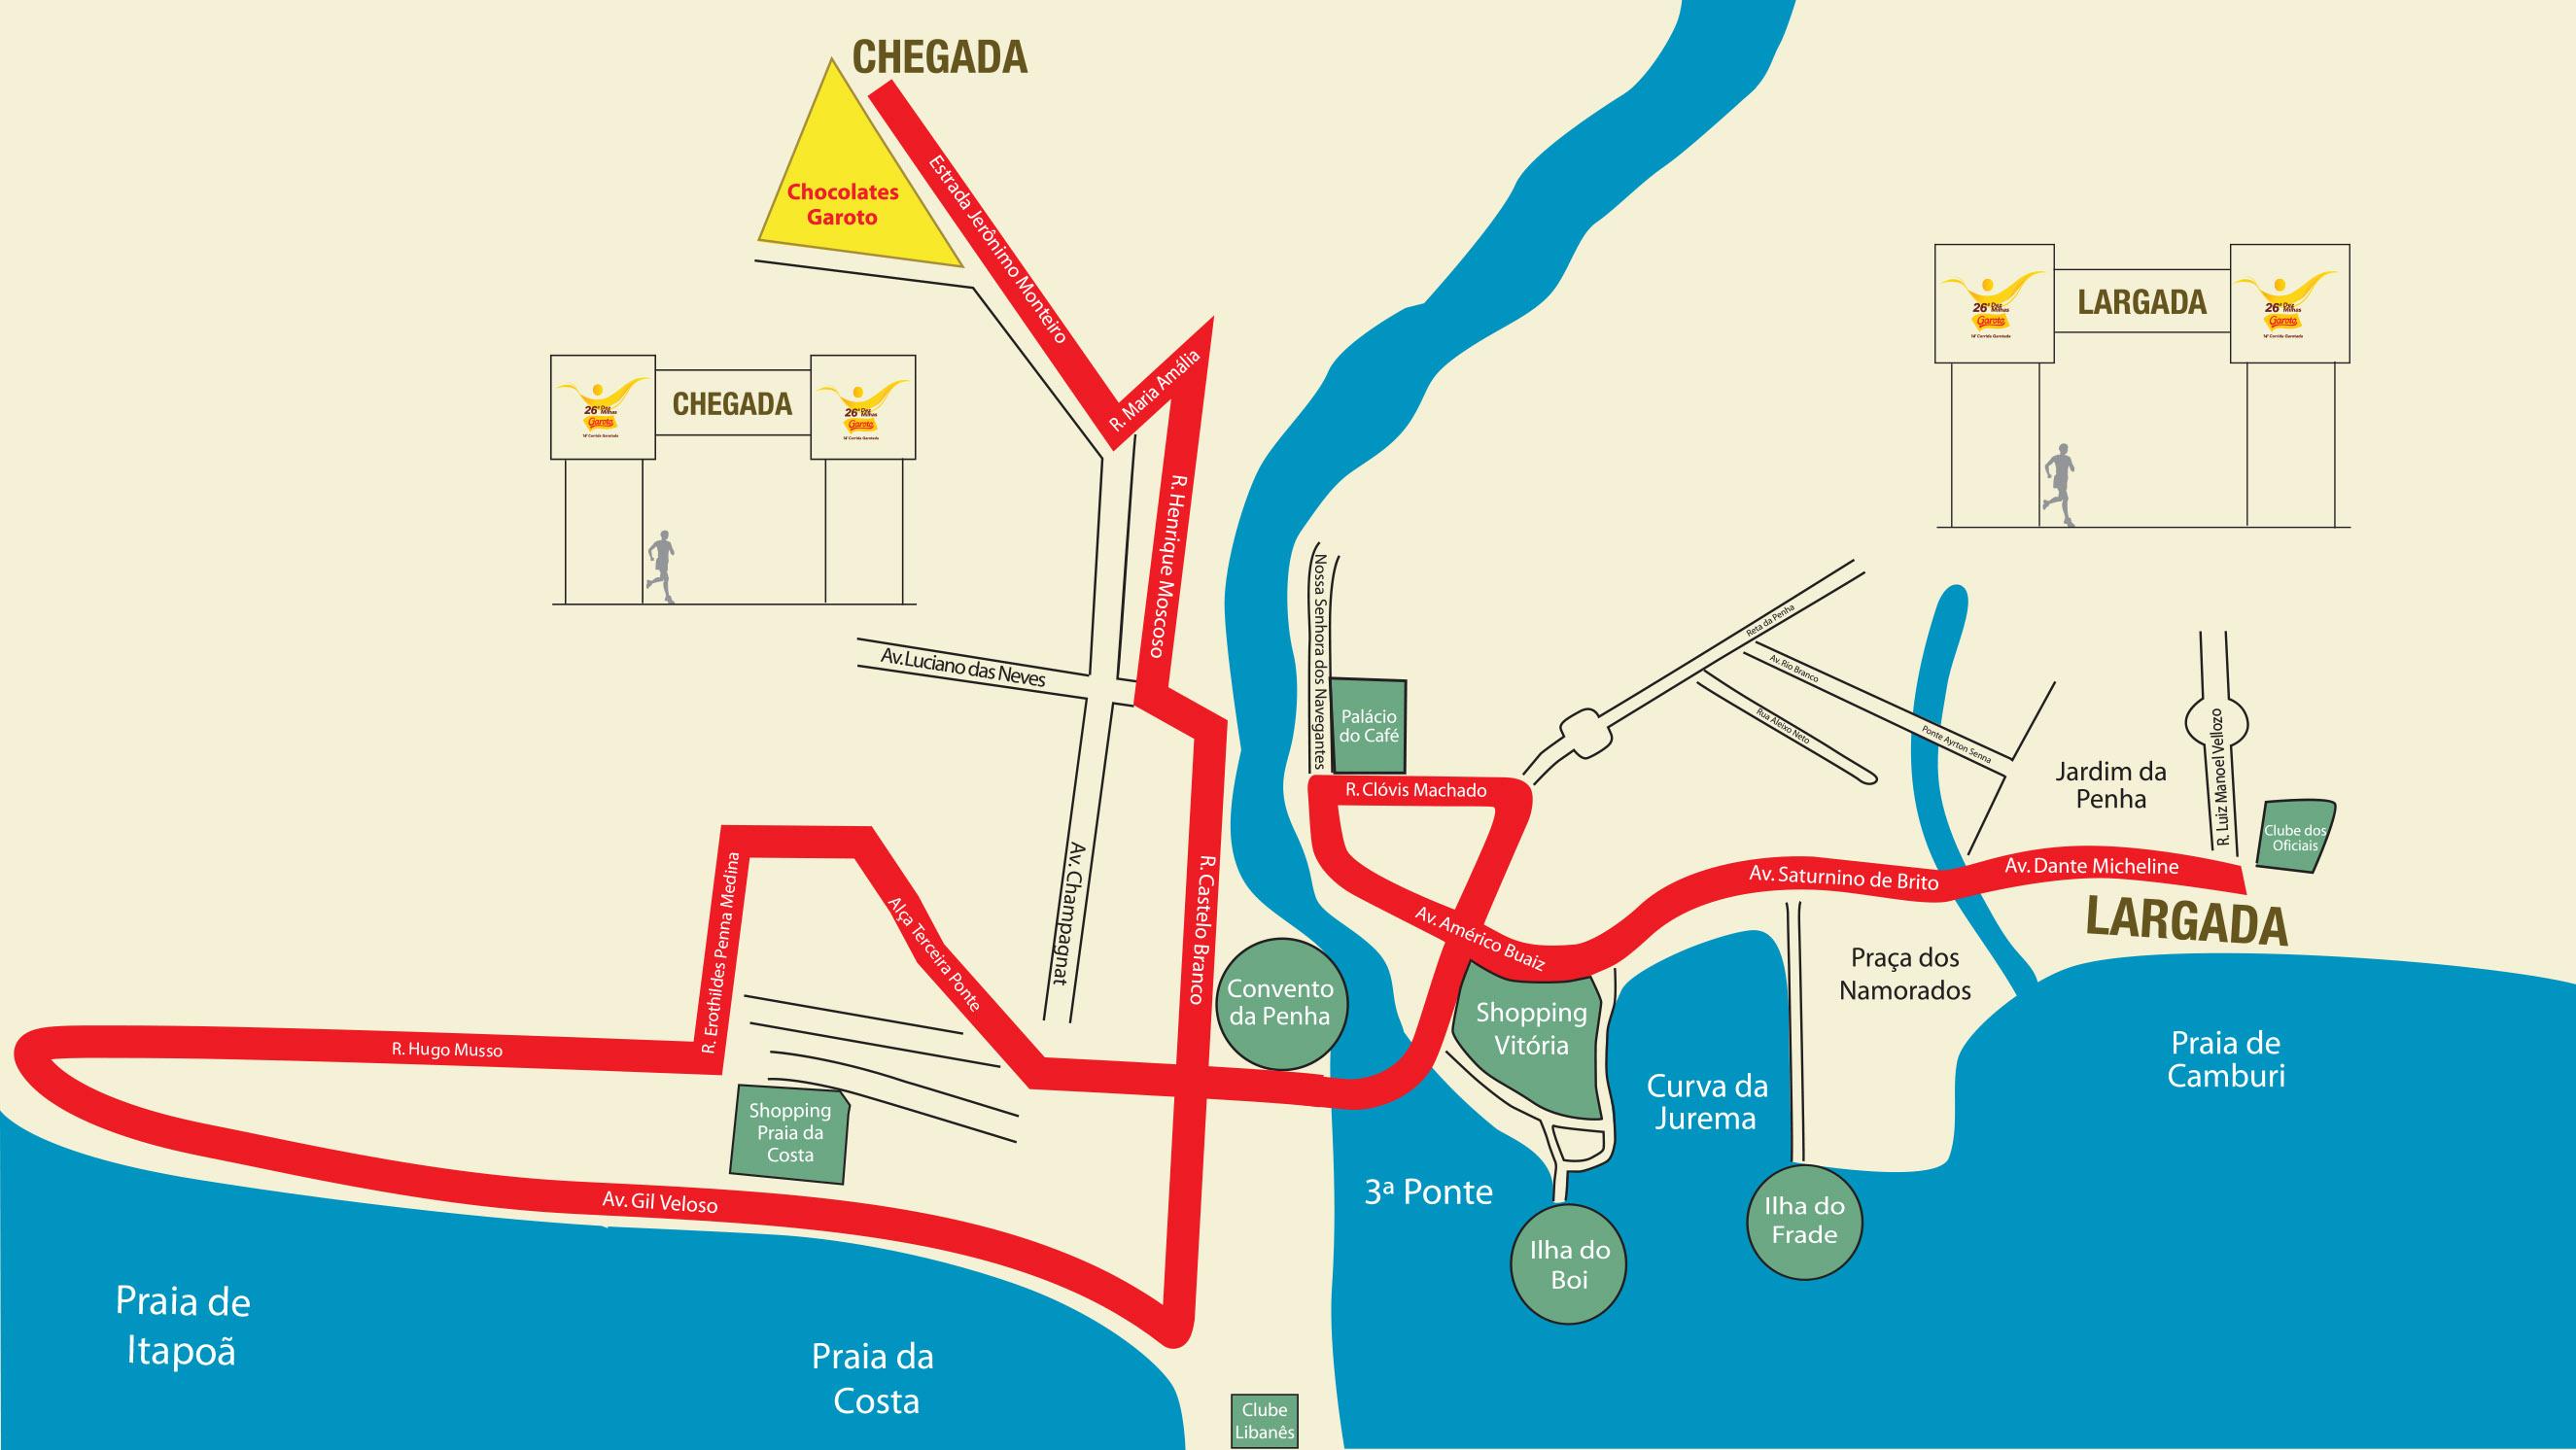 Mapa Percurso 26ª Dez Milhas Garoto